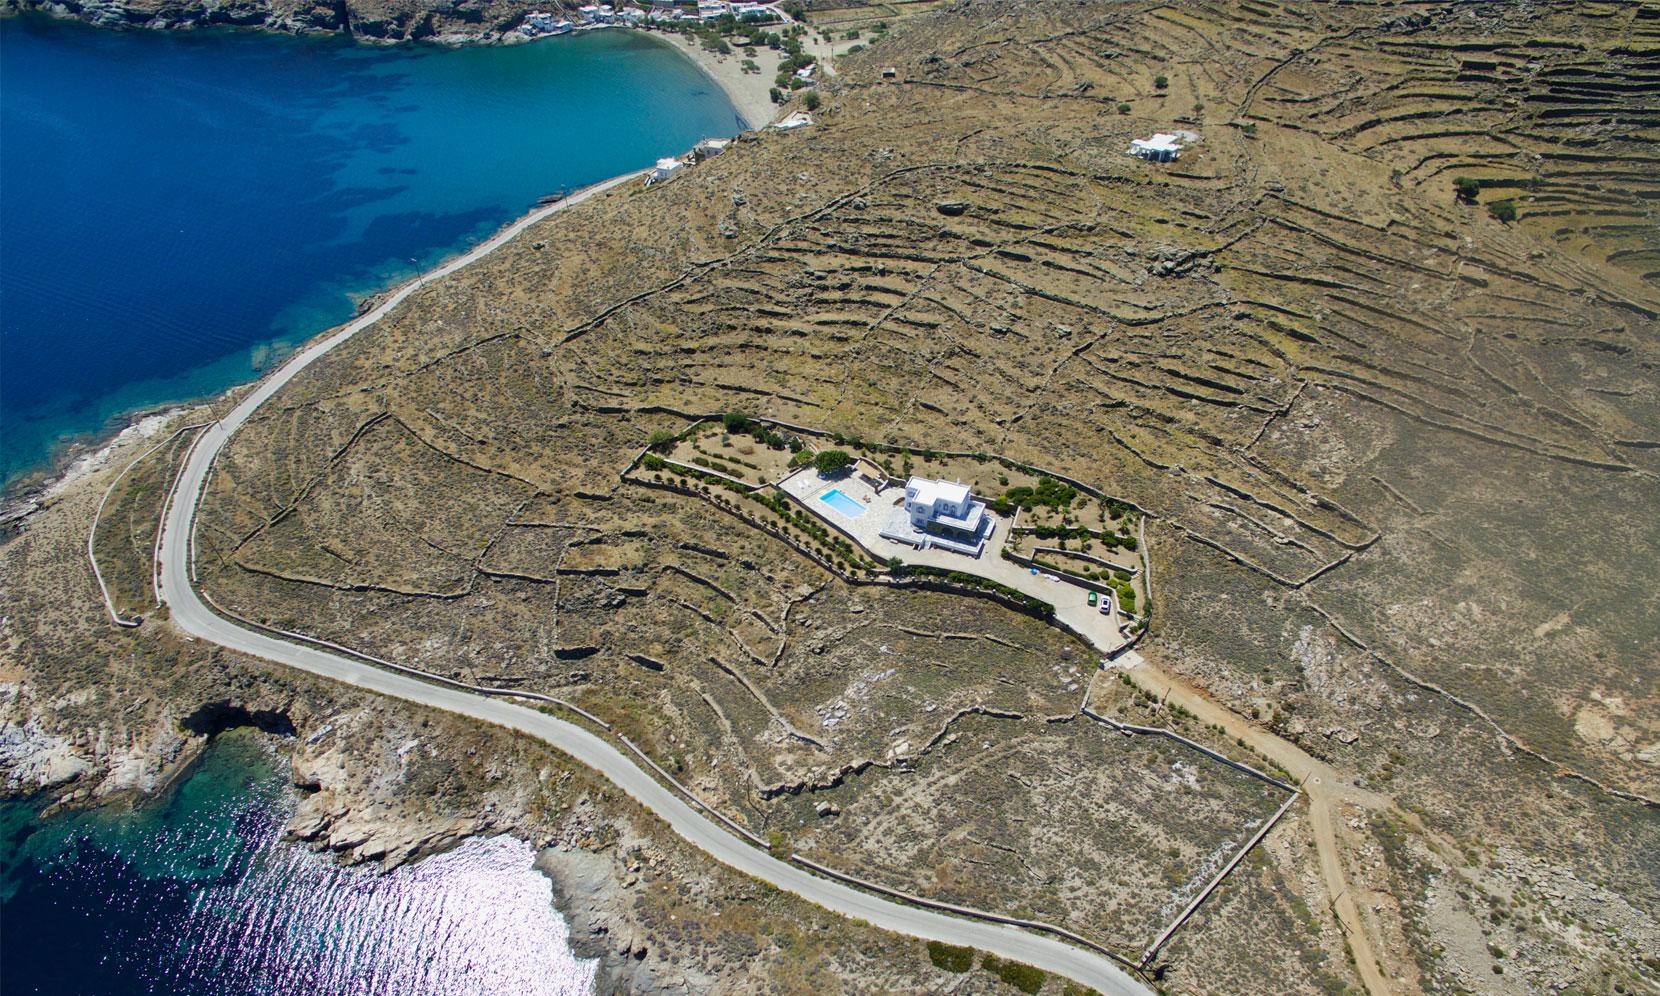 Tinos Villa Iasmus jumbotron image